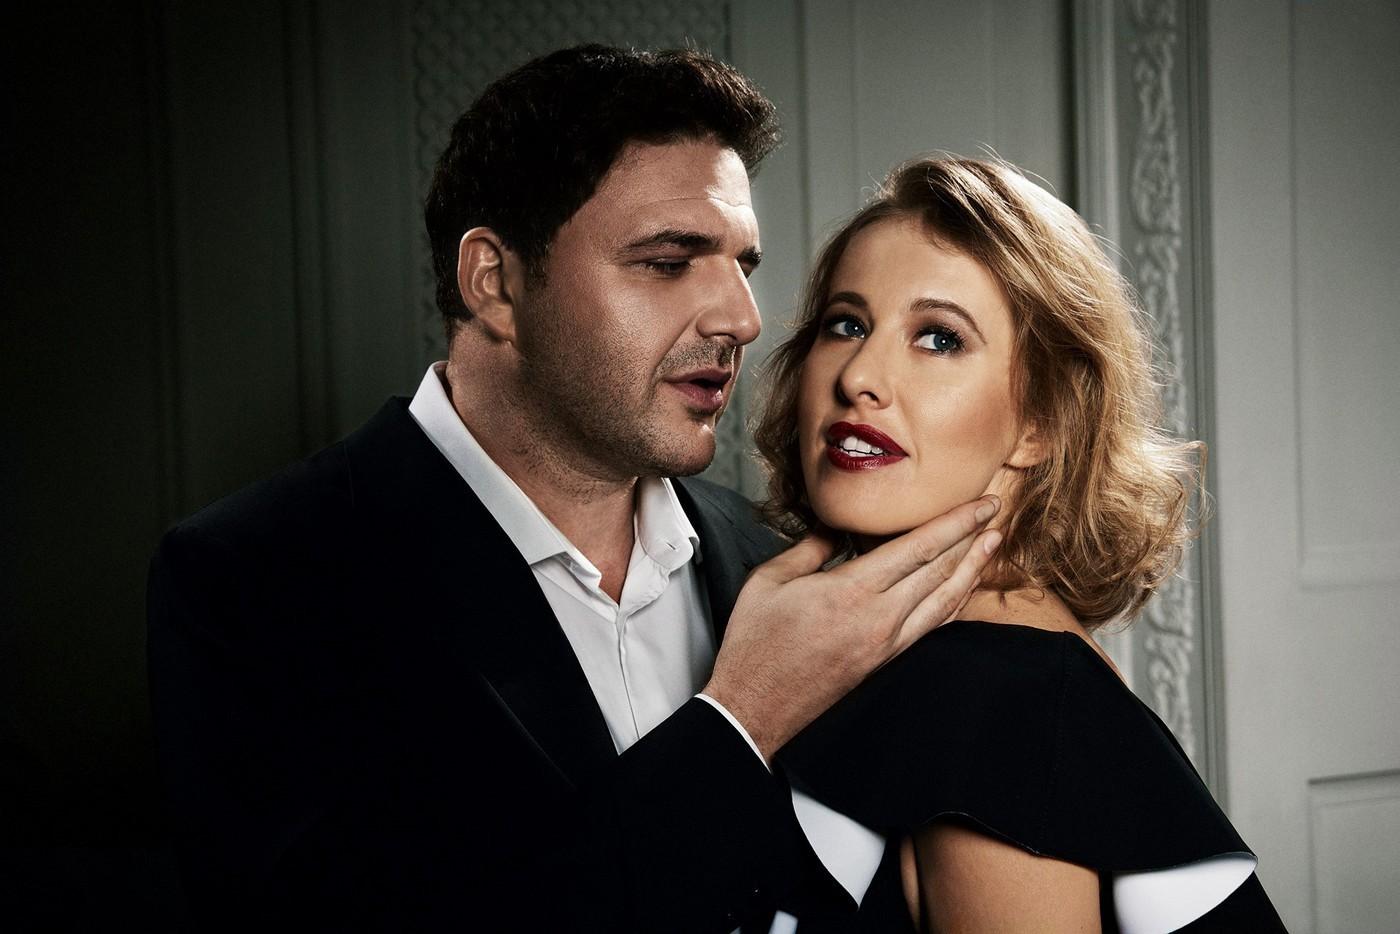 «Роковые женщины плохо заканчивают»: Эммануил Виторган прокомментировал развод сына с Собчак